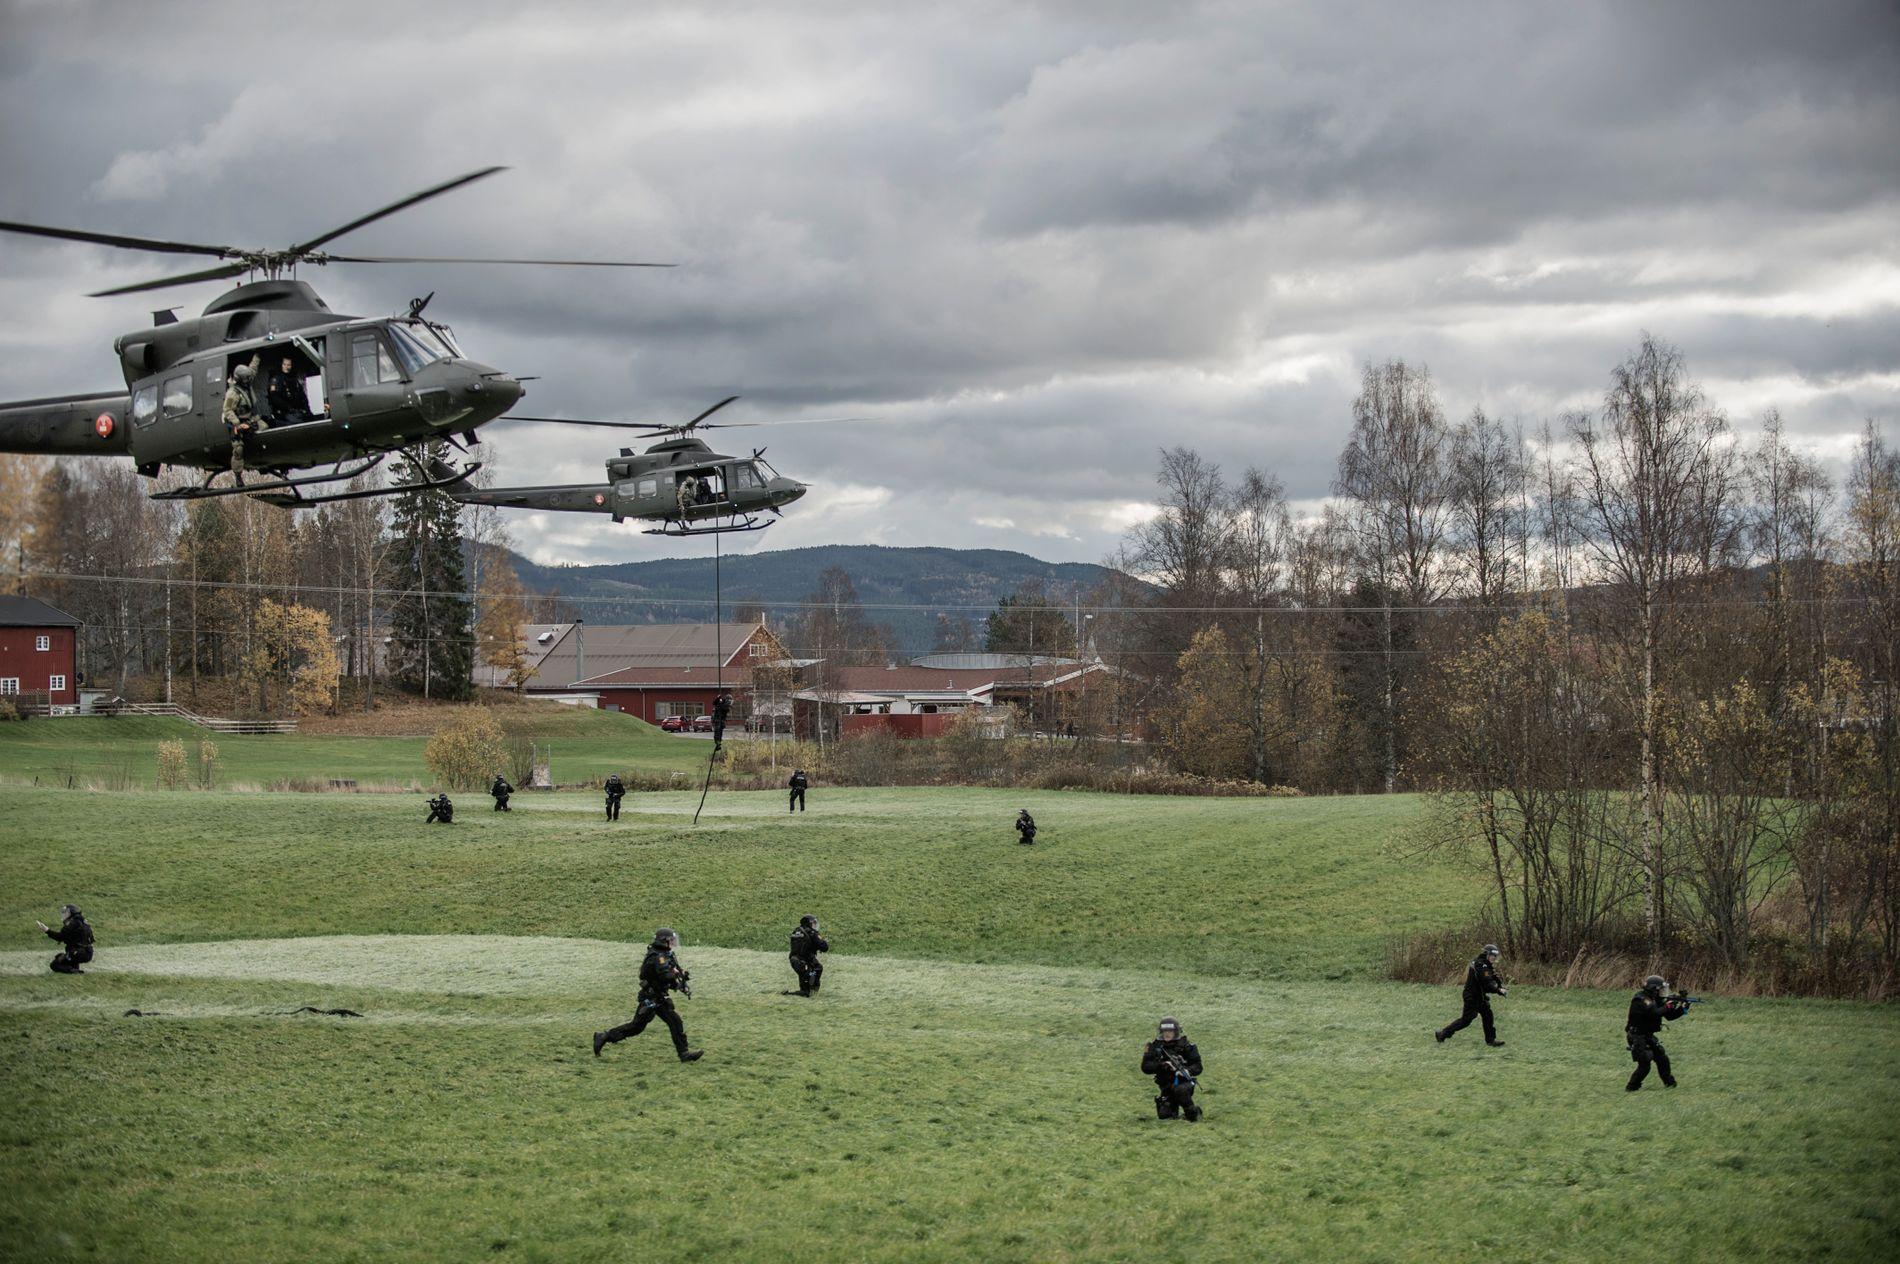 HAR IKKE EGNE: Bildet fra 2014 viser Beredskapstroppen under en øvelse hvor de rappellerer fra et helikopter. De etterlyser nå disponering av helikopter, for å sikre bedre responstid.